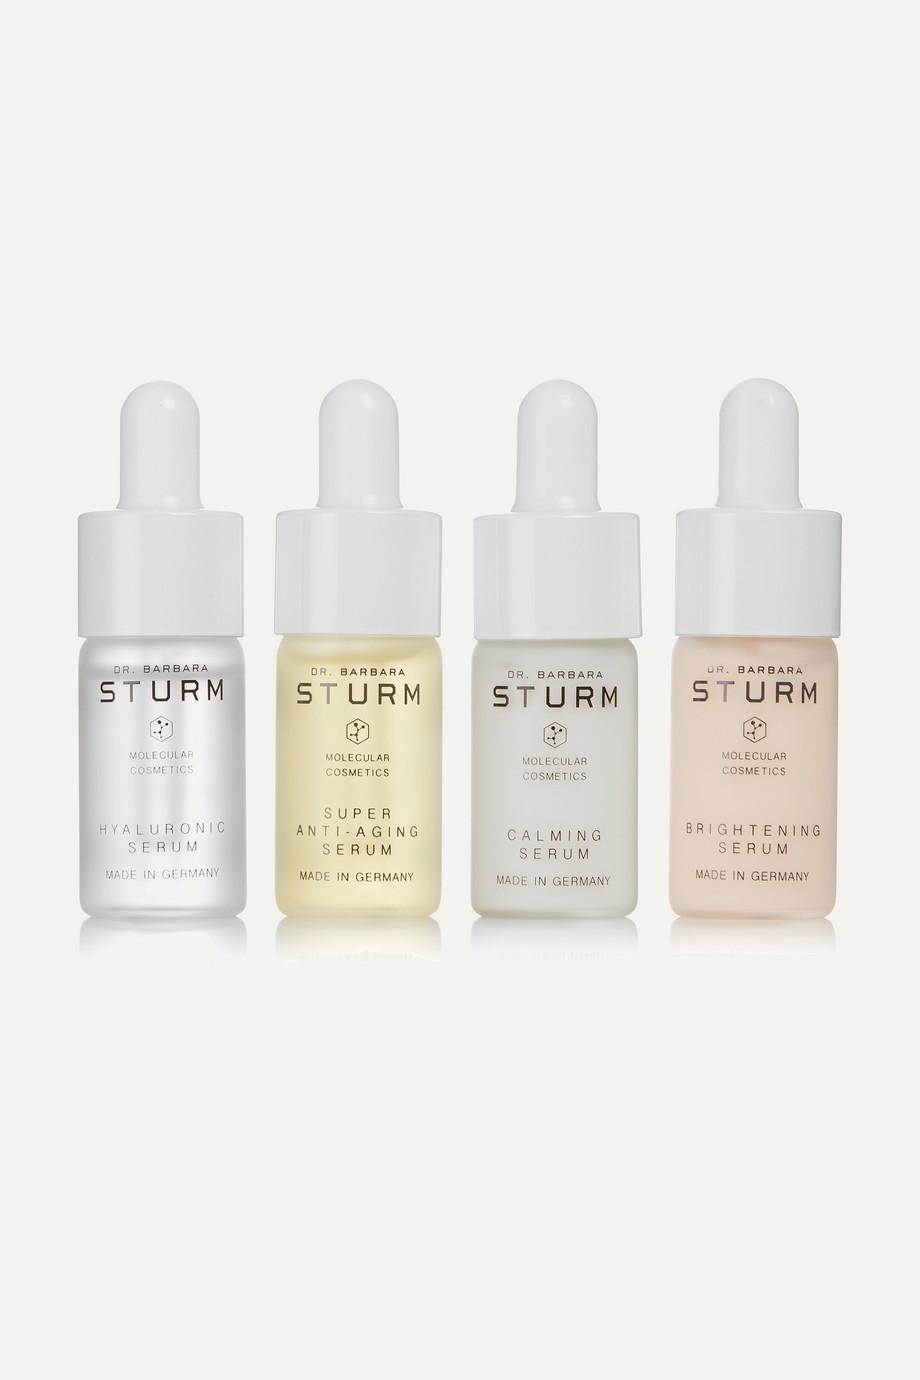 Dr. Barbara Sturm Serum Discovery Set, 4 x 10 ml – Set aus vier Seren